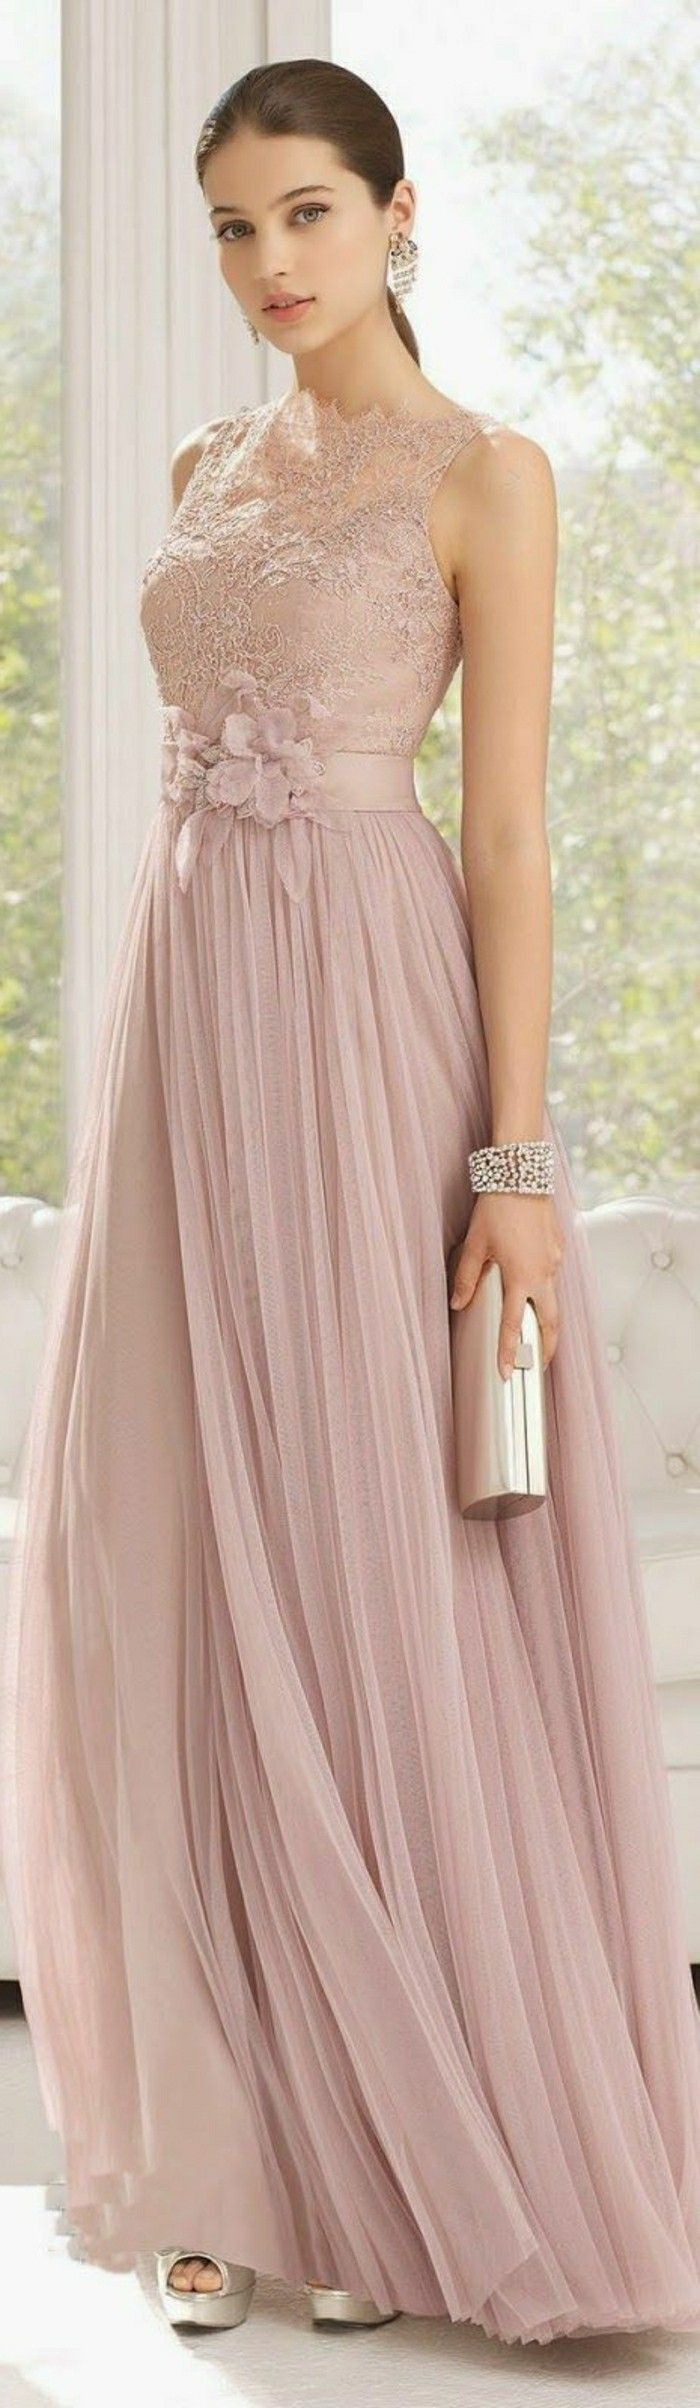 Rosa Brautkleid für einen glamourösen Hochzeits-Look | Brautkleider ...